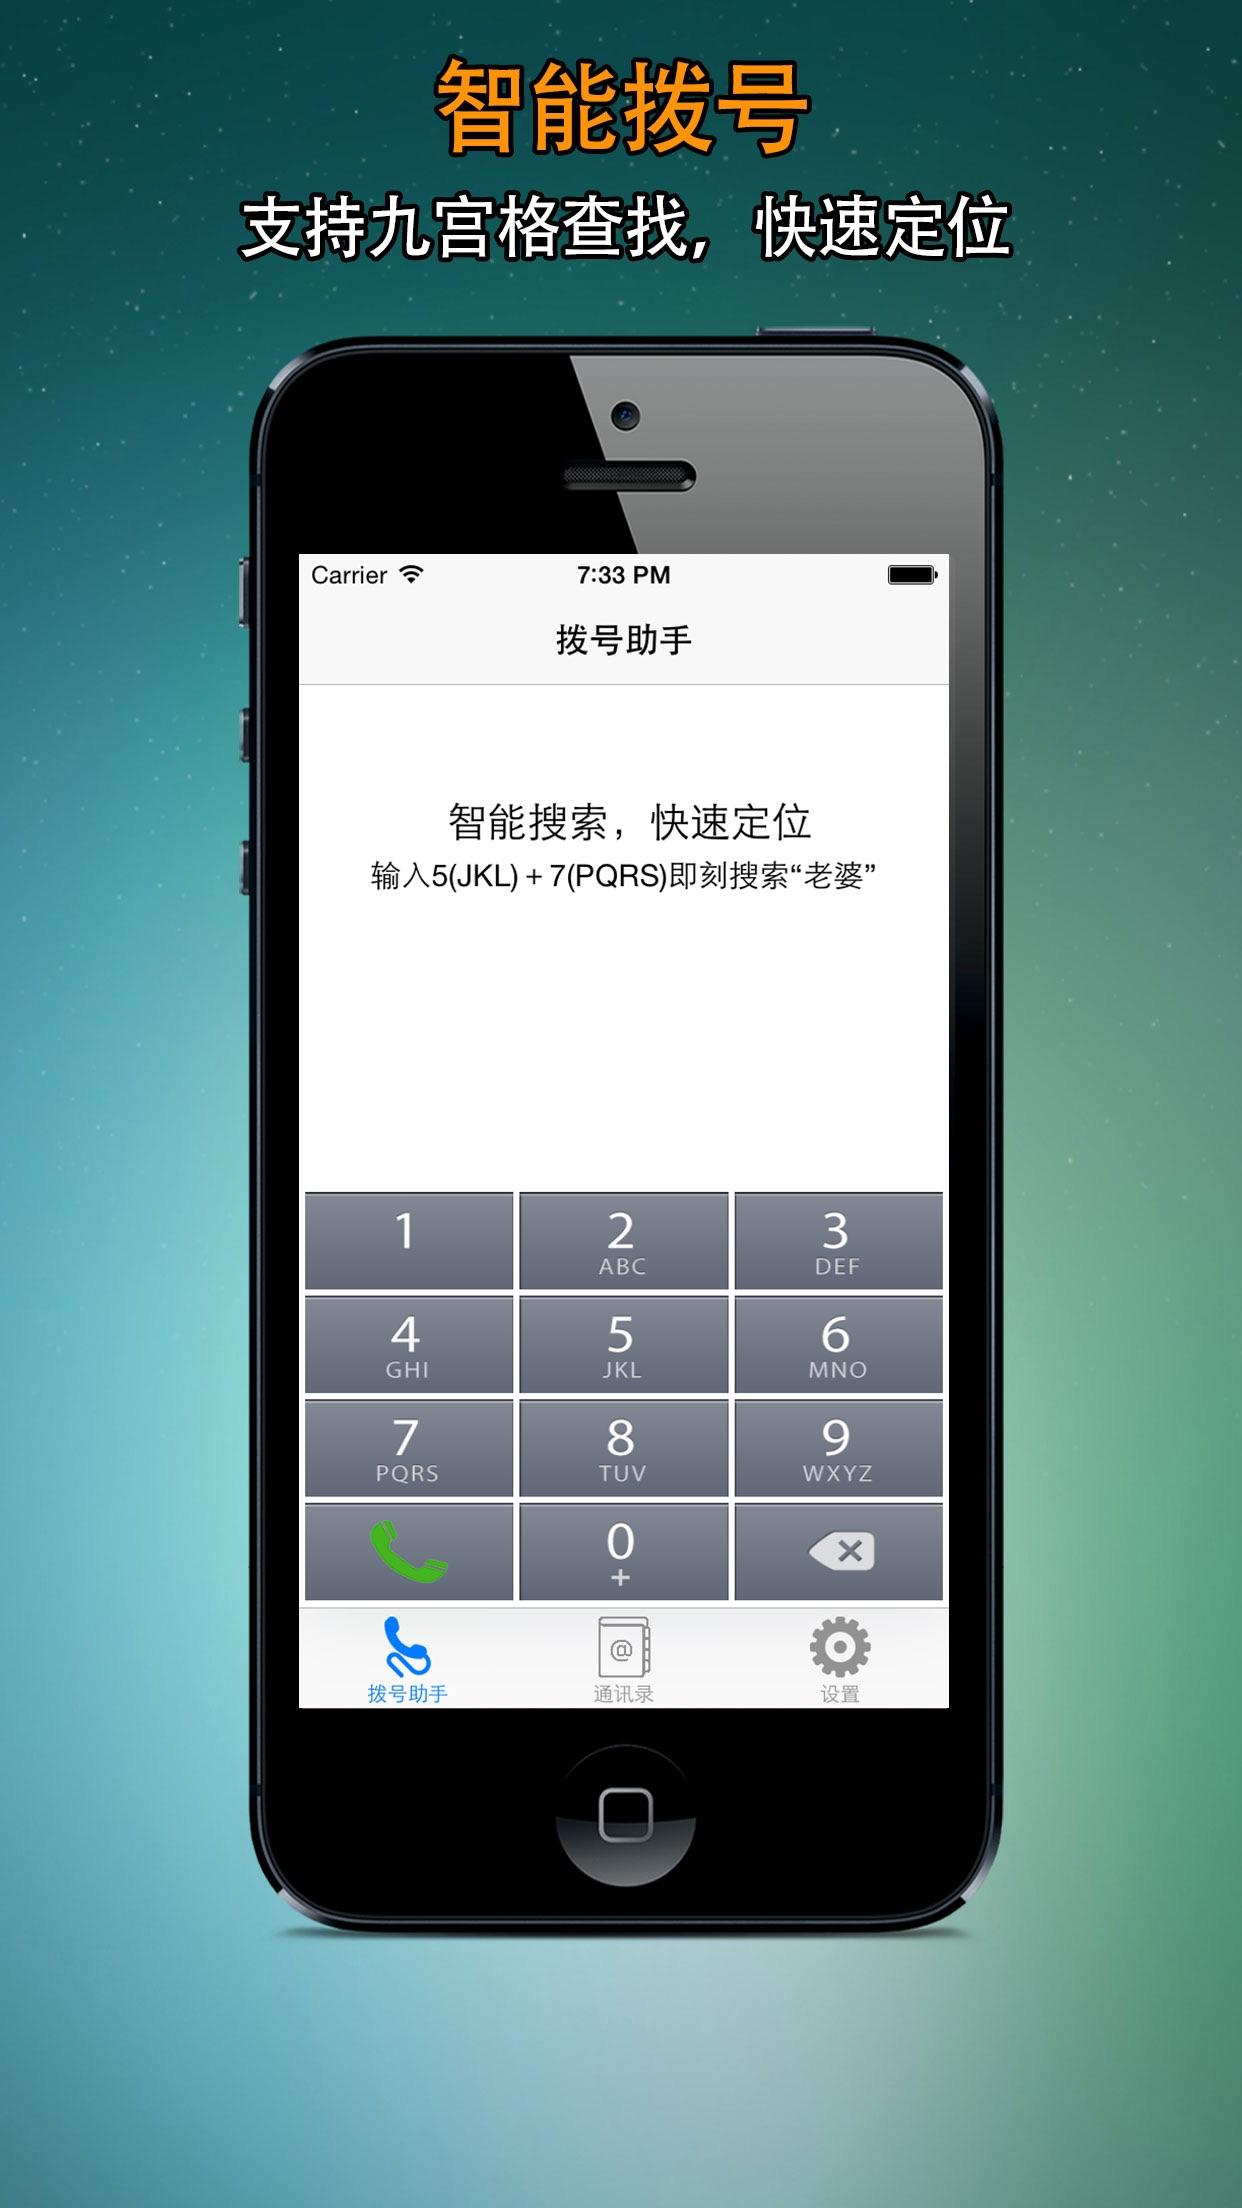 号码拨号助手-专业电话本管理和智能拨号软件 Screenshot